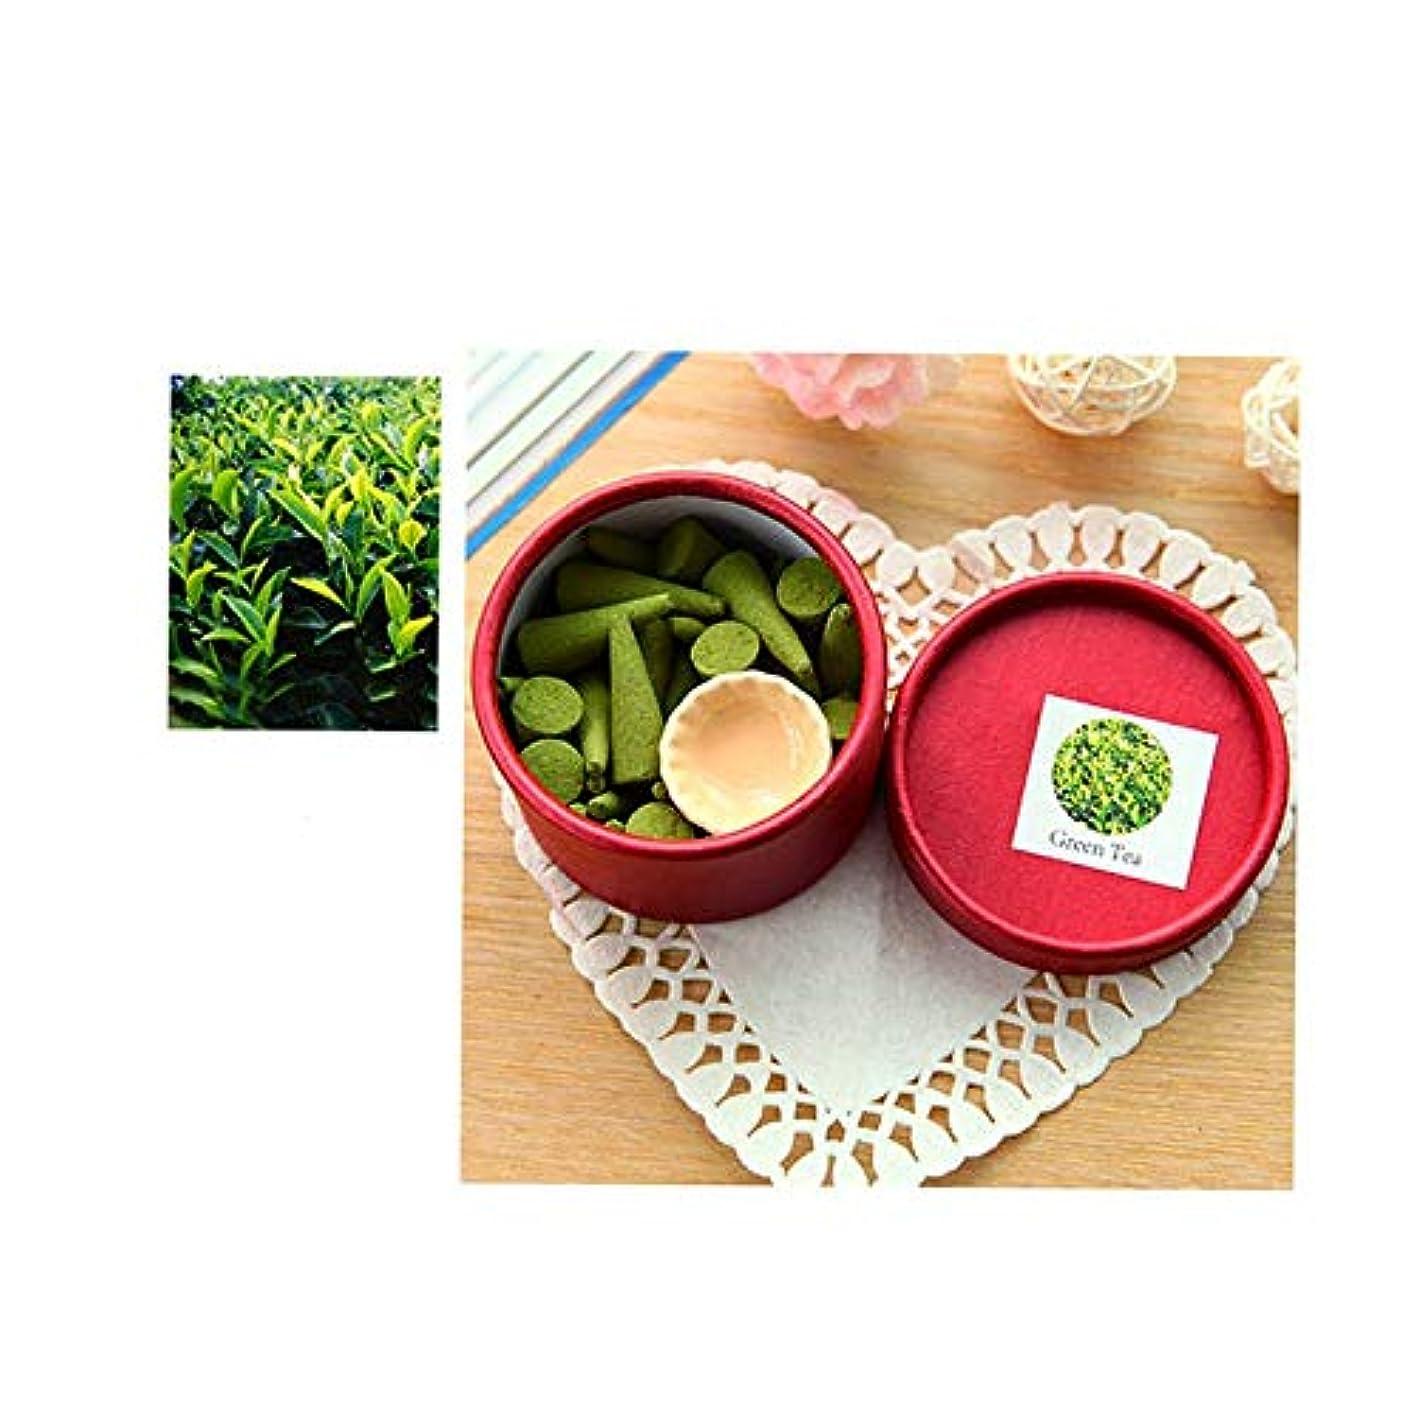 睡眠求人消す普段使いのコーン型パゴダ香茶アロマ家庭用品日常用品ファミリー身近な品